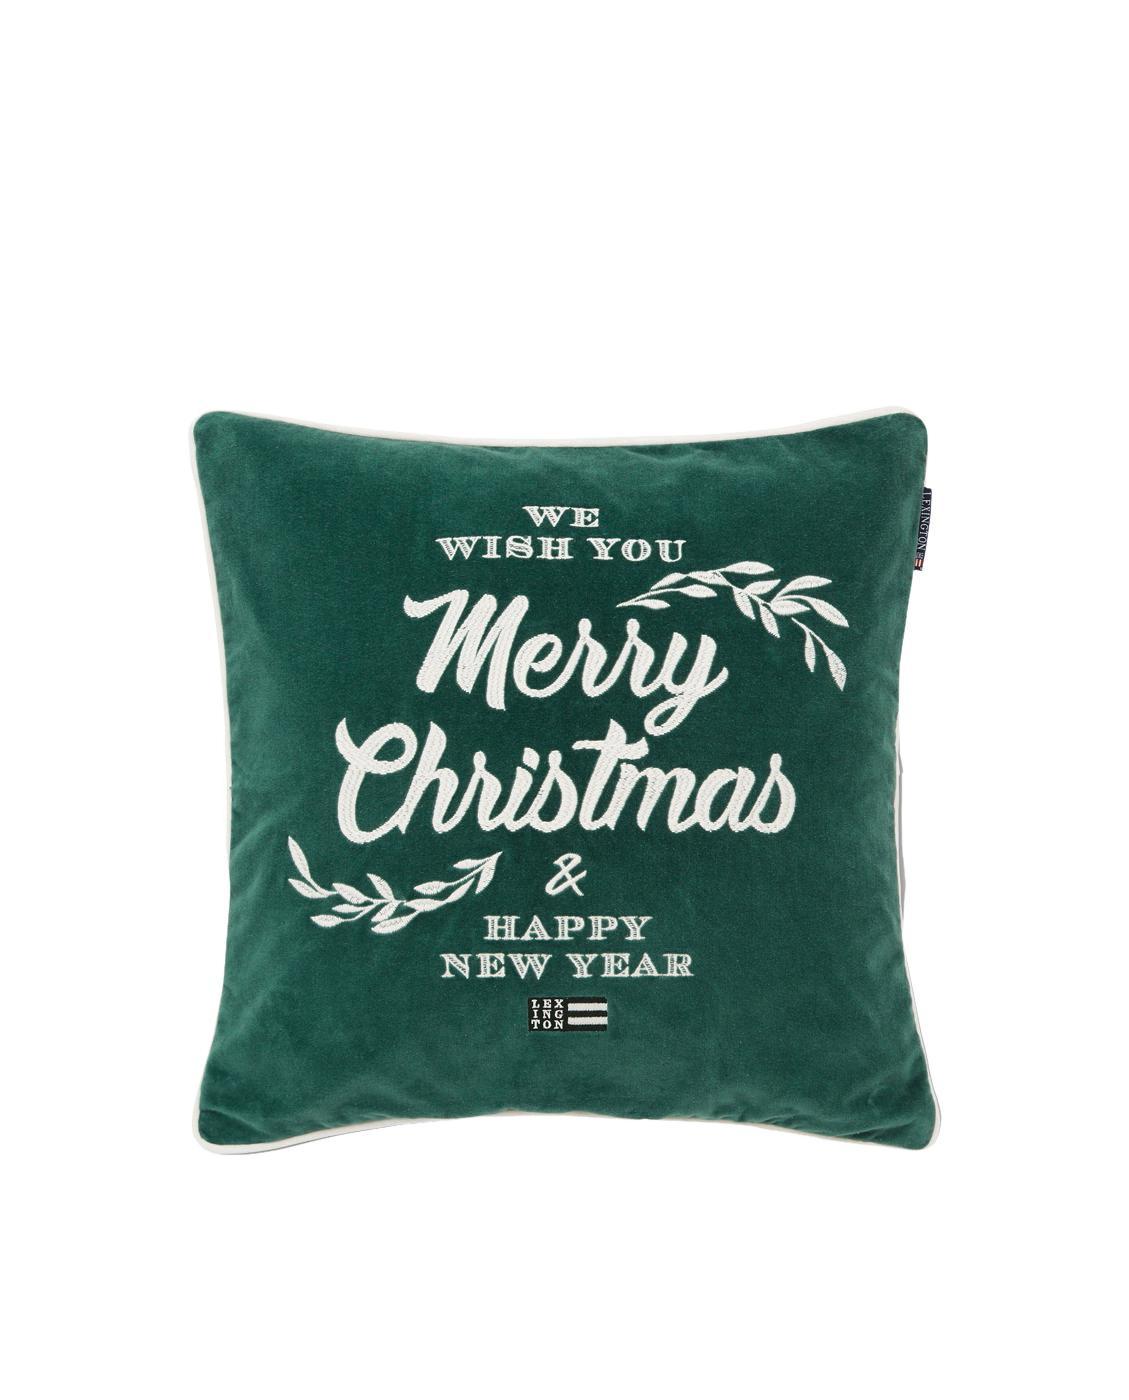 Samt-Kissenhülle Merry Christmas mit Aufschrift, Baumwollsamt, Weiss, Grün, 50 x 50 cm